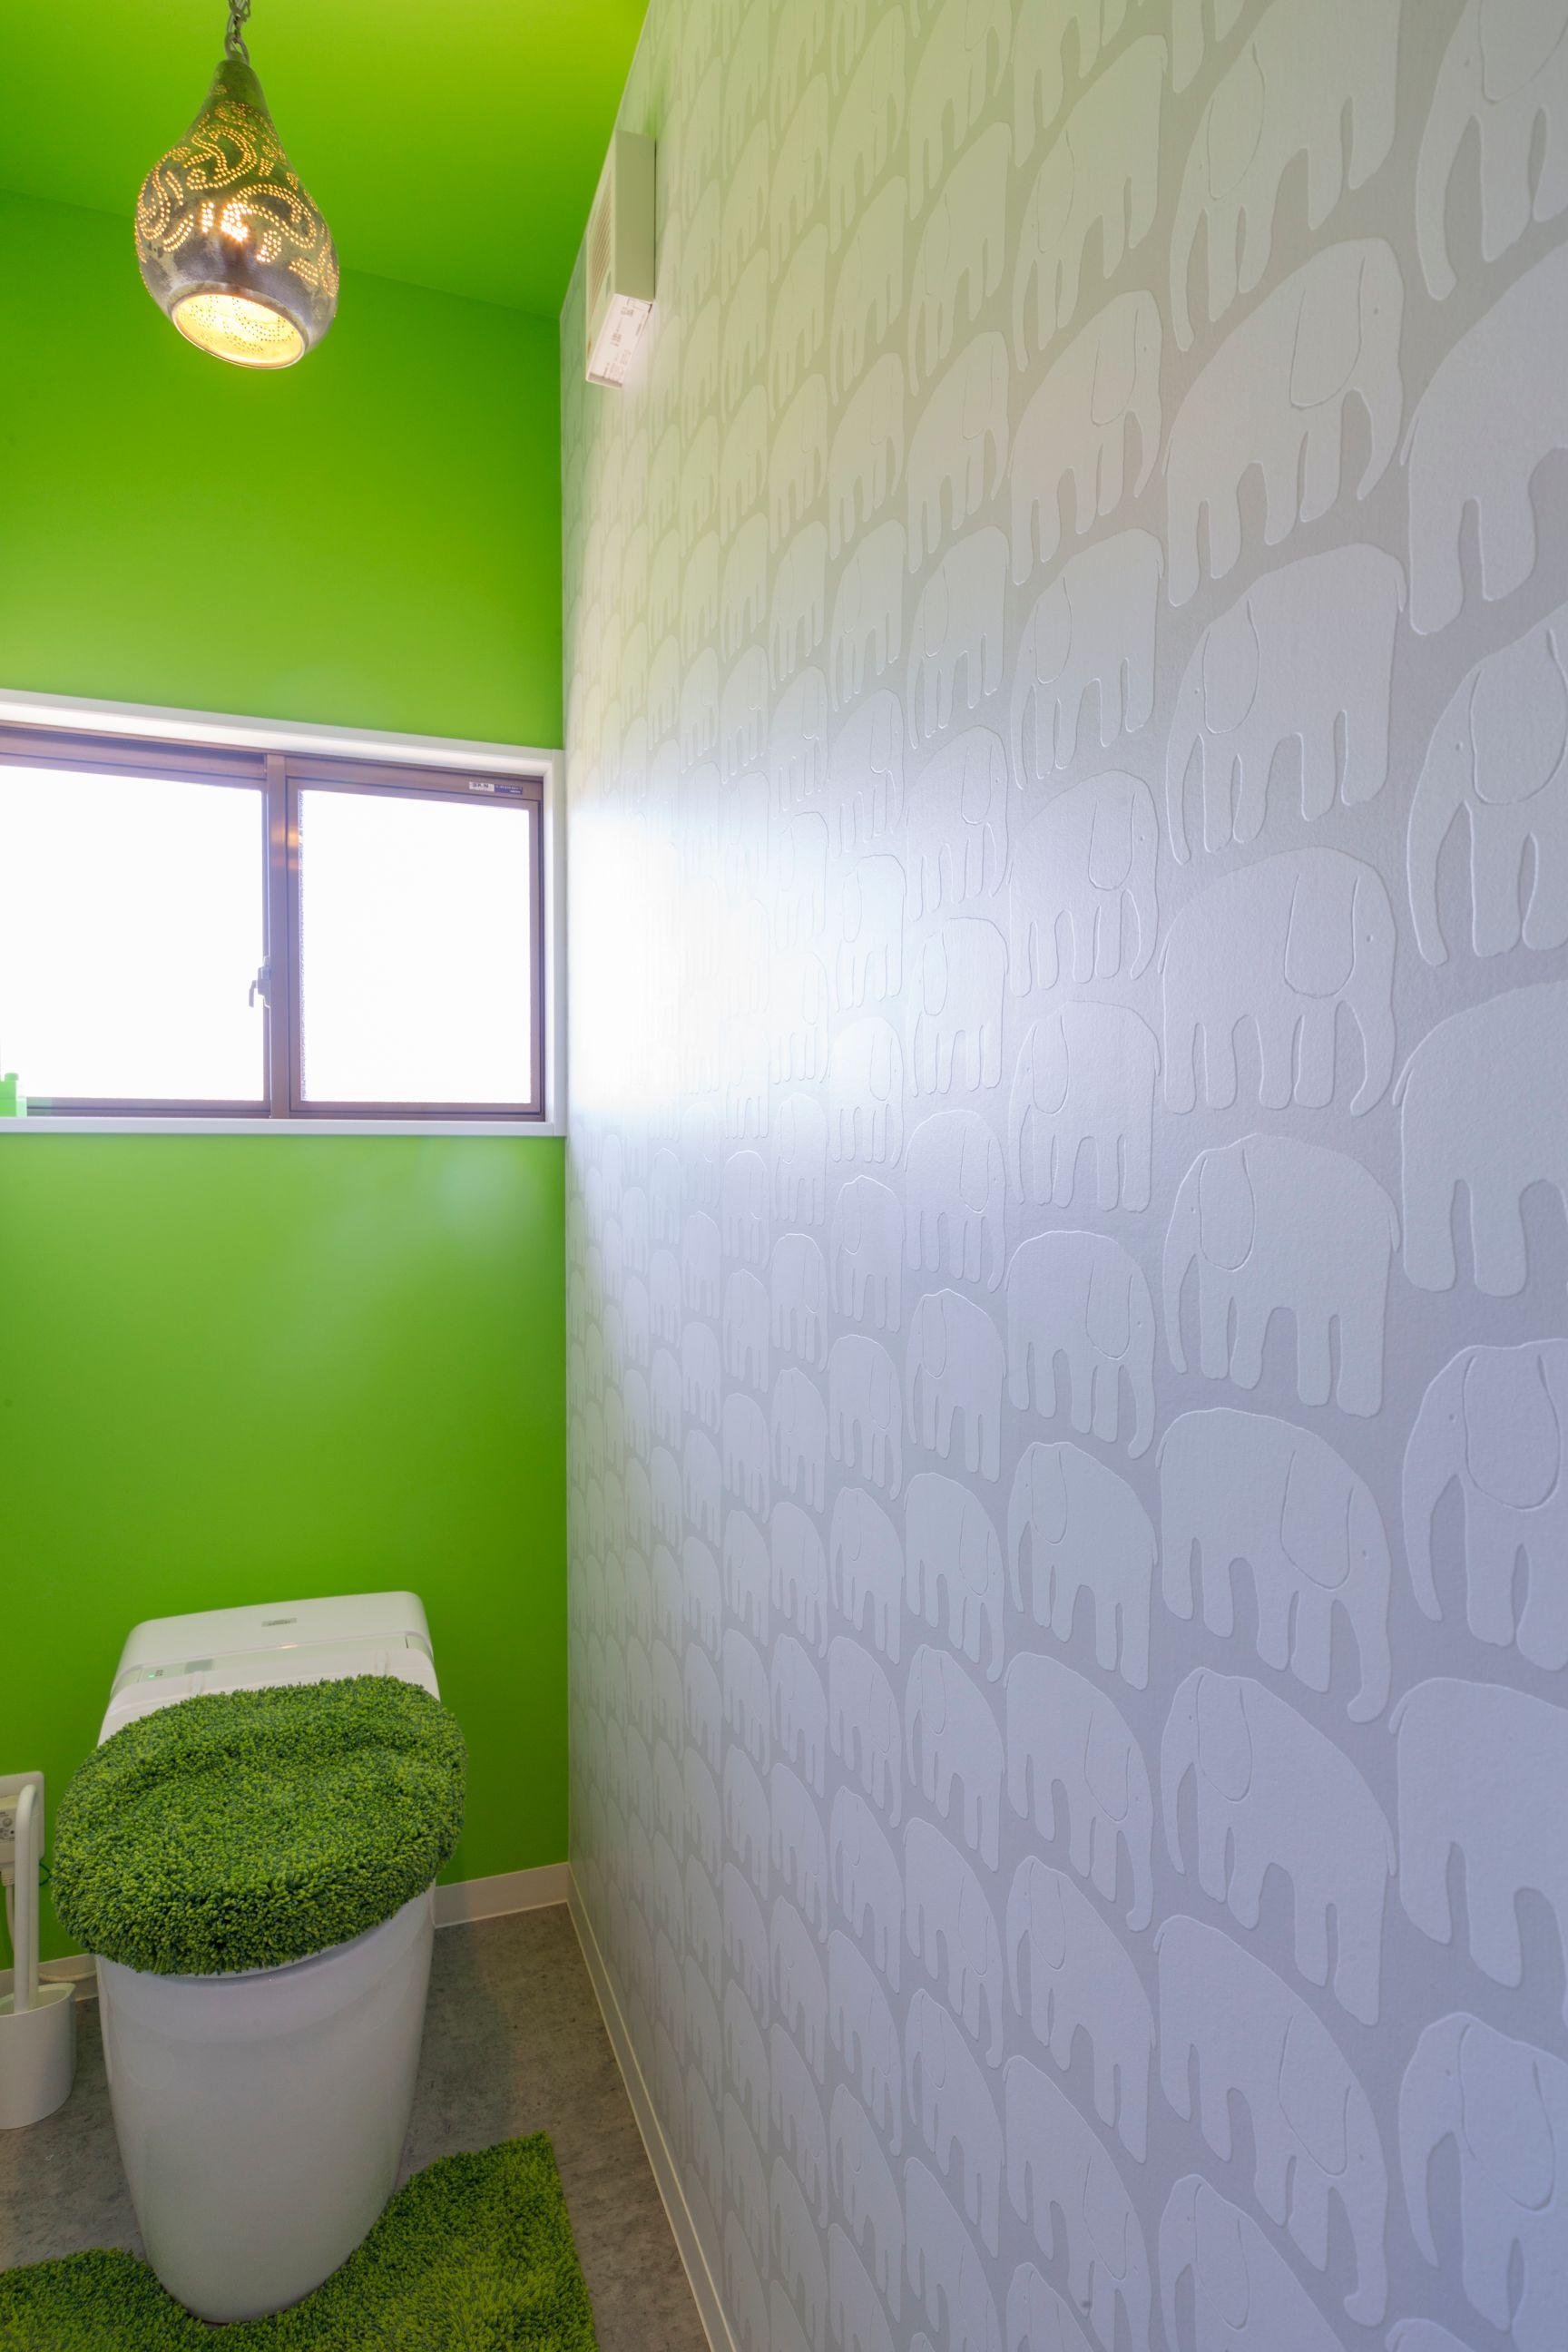 ビタミンカラーと象柄クロスのトイレ空間